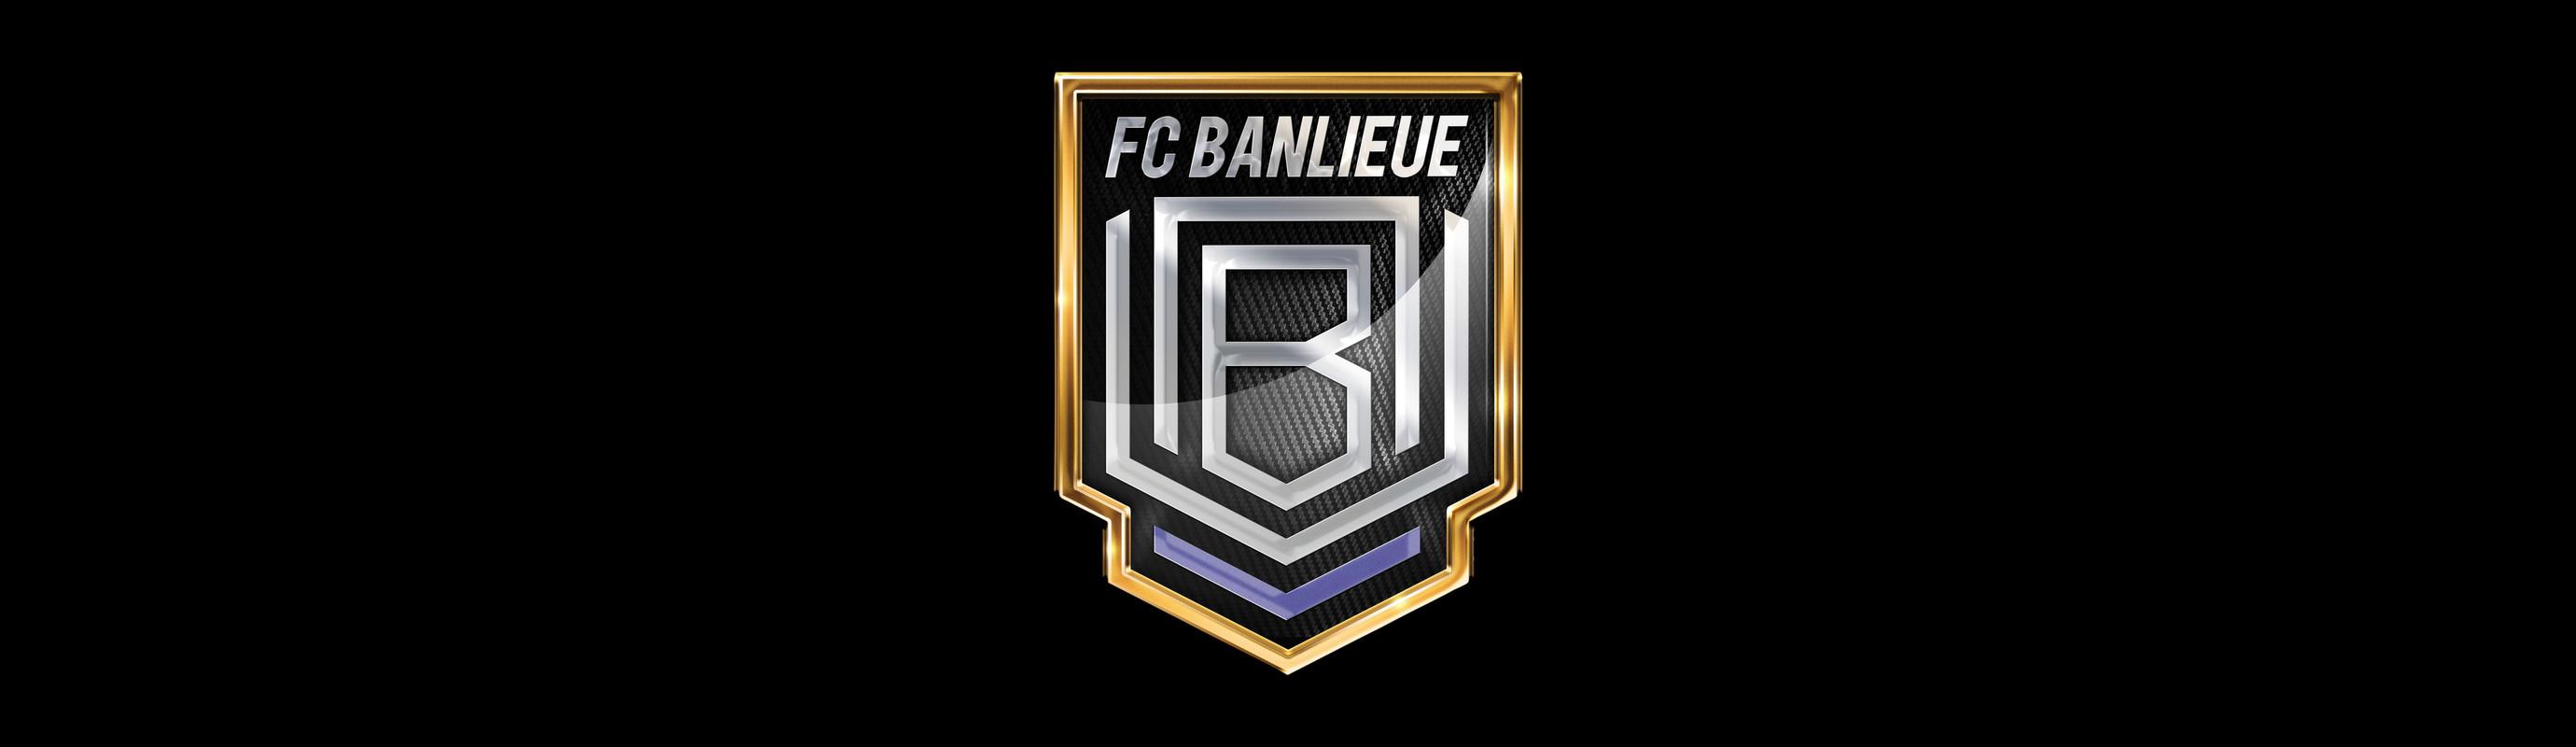 FC BANLIEUE